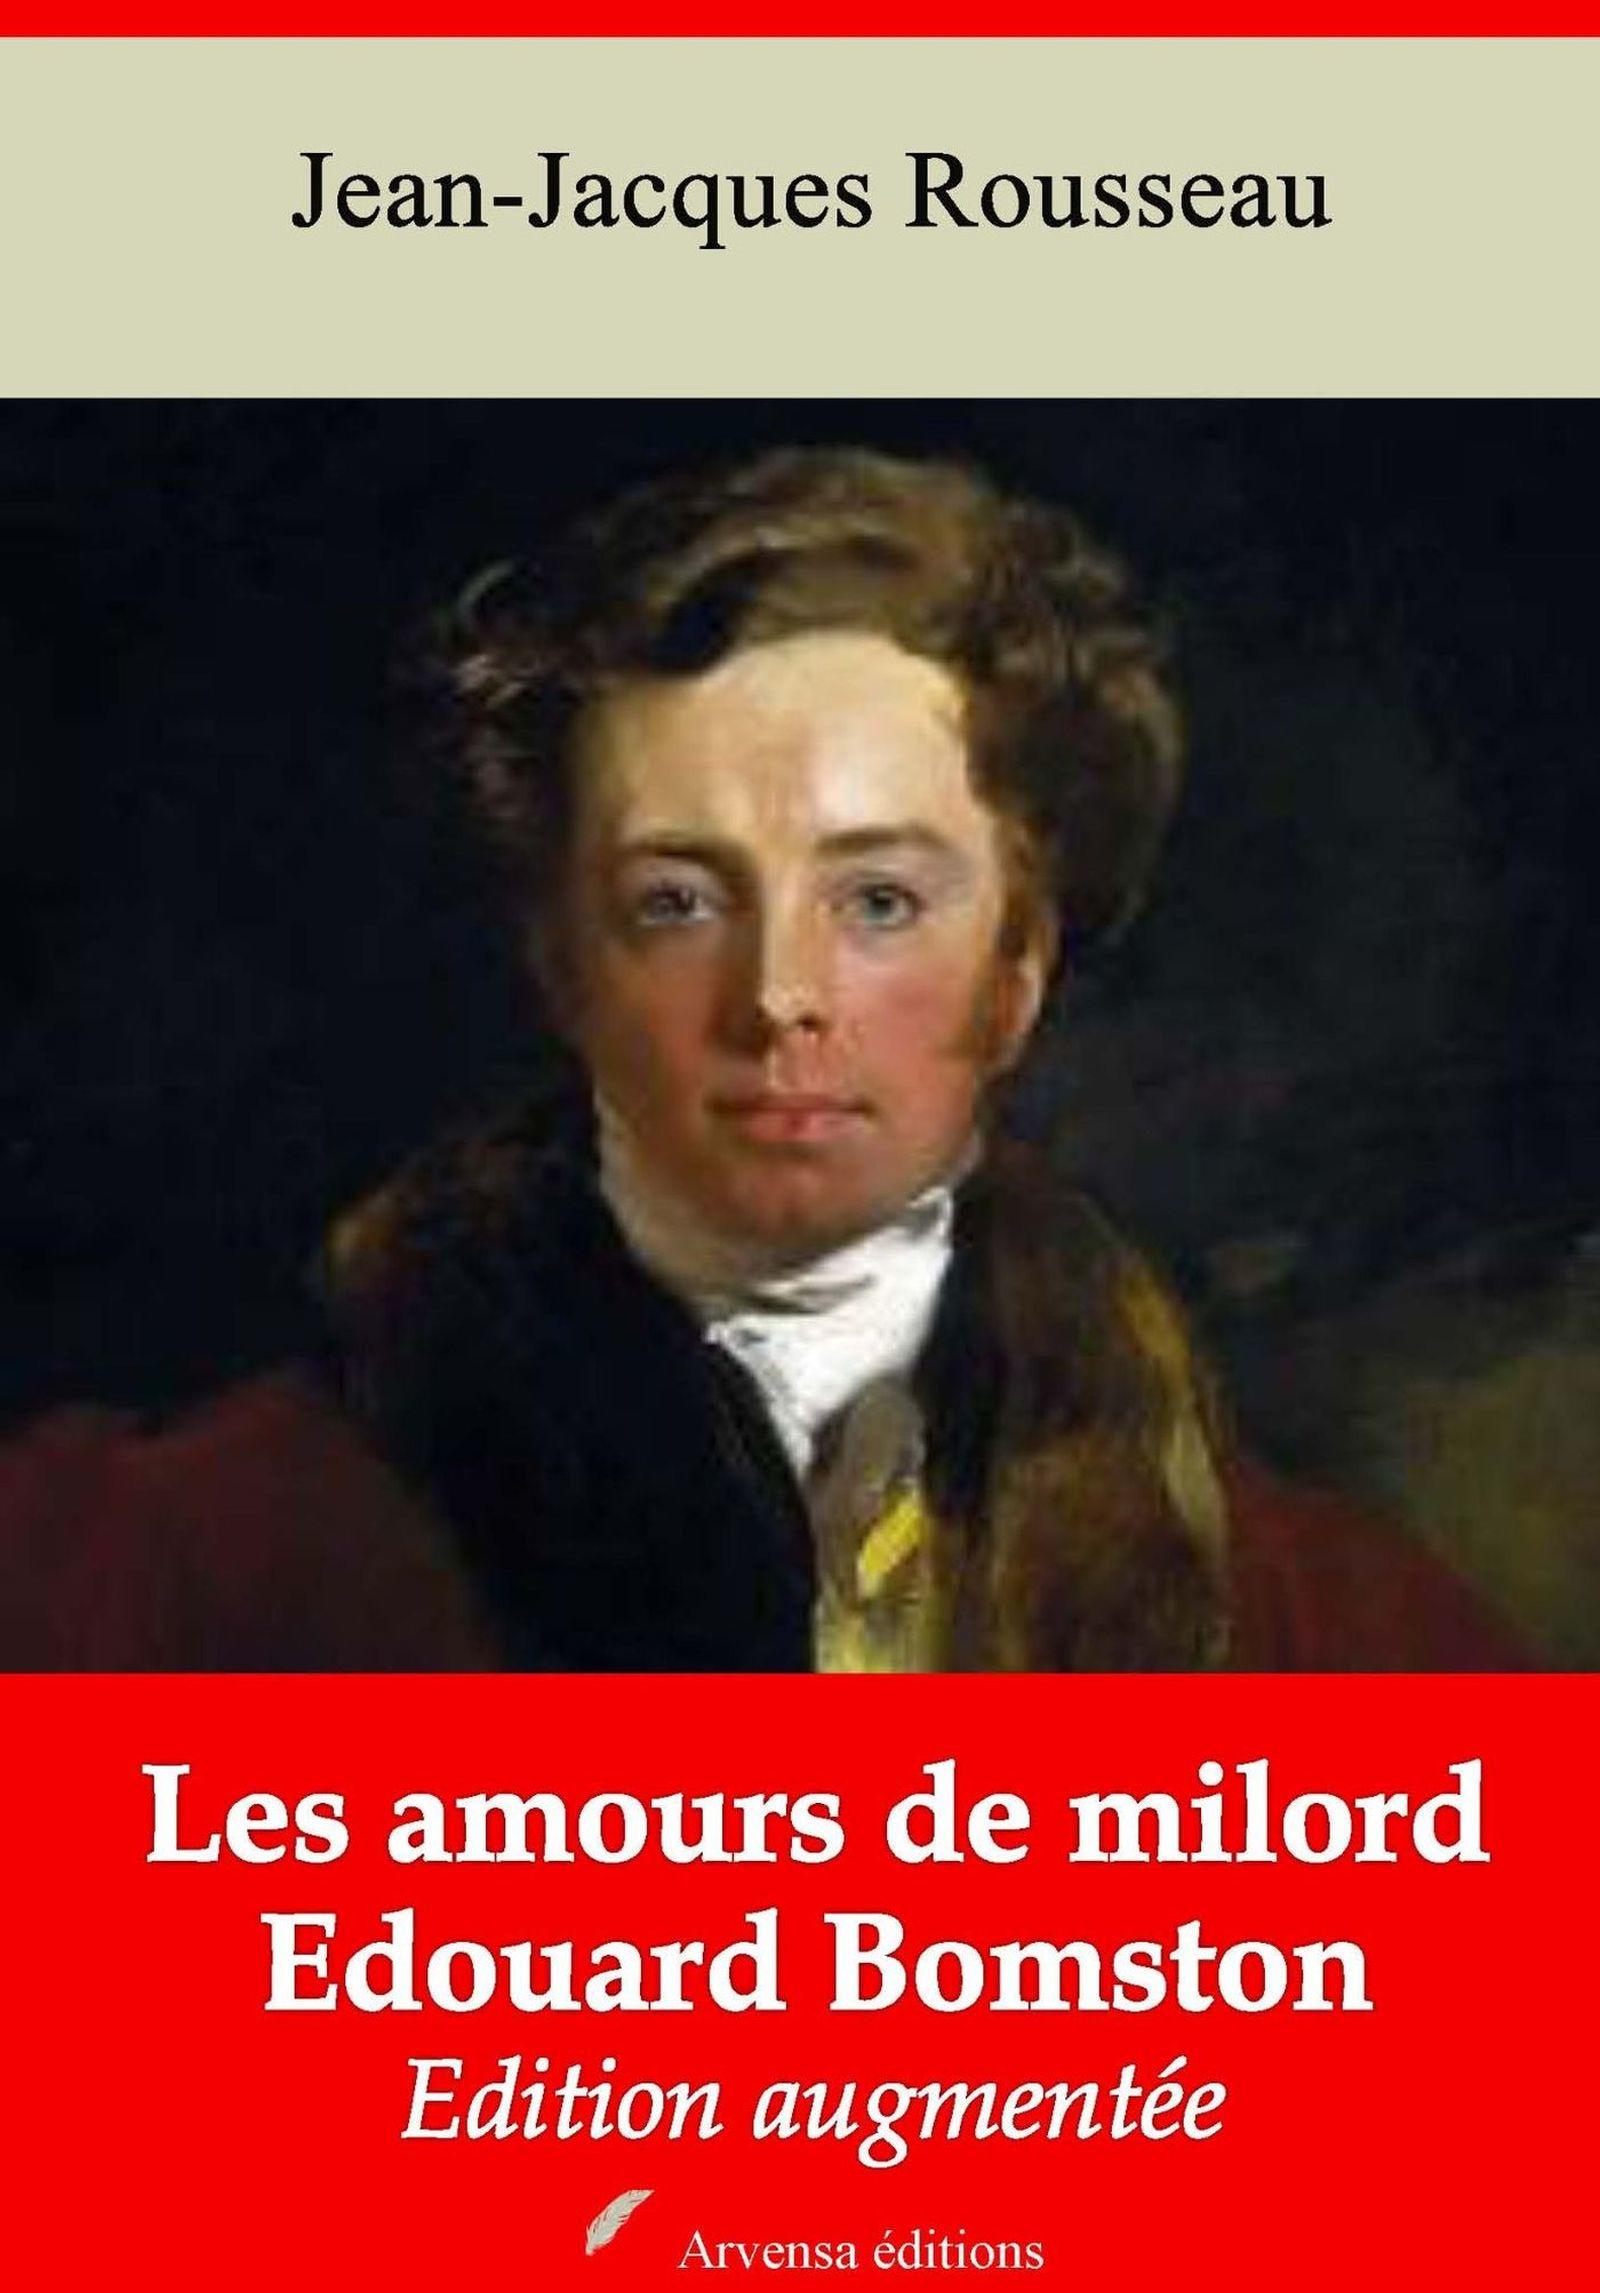 Les Amours de milord Edouard Bomston - suivi d'annexes